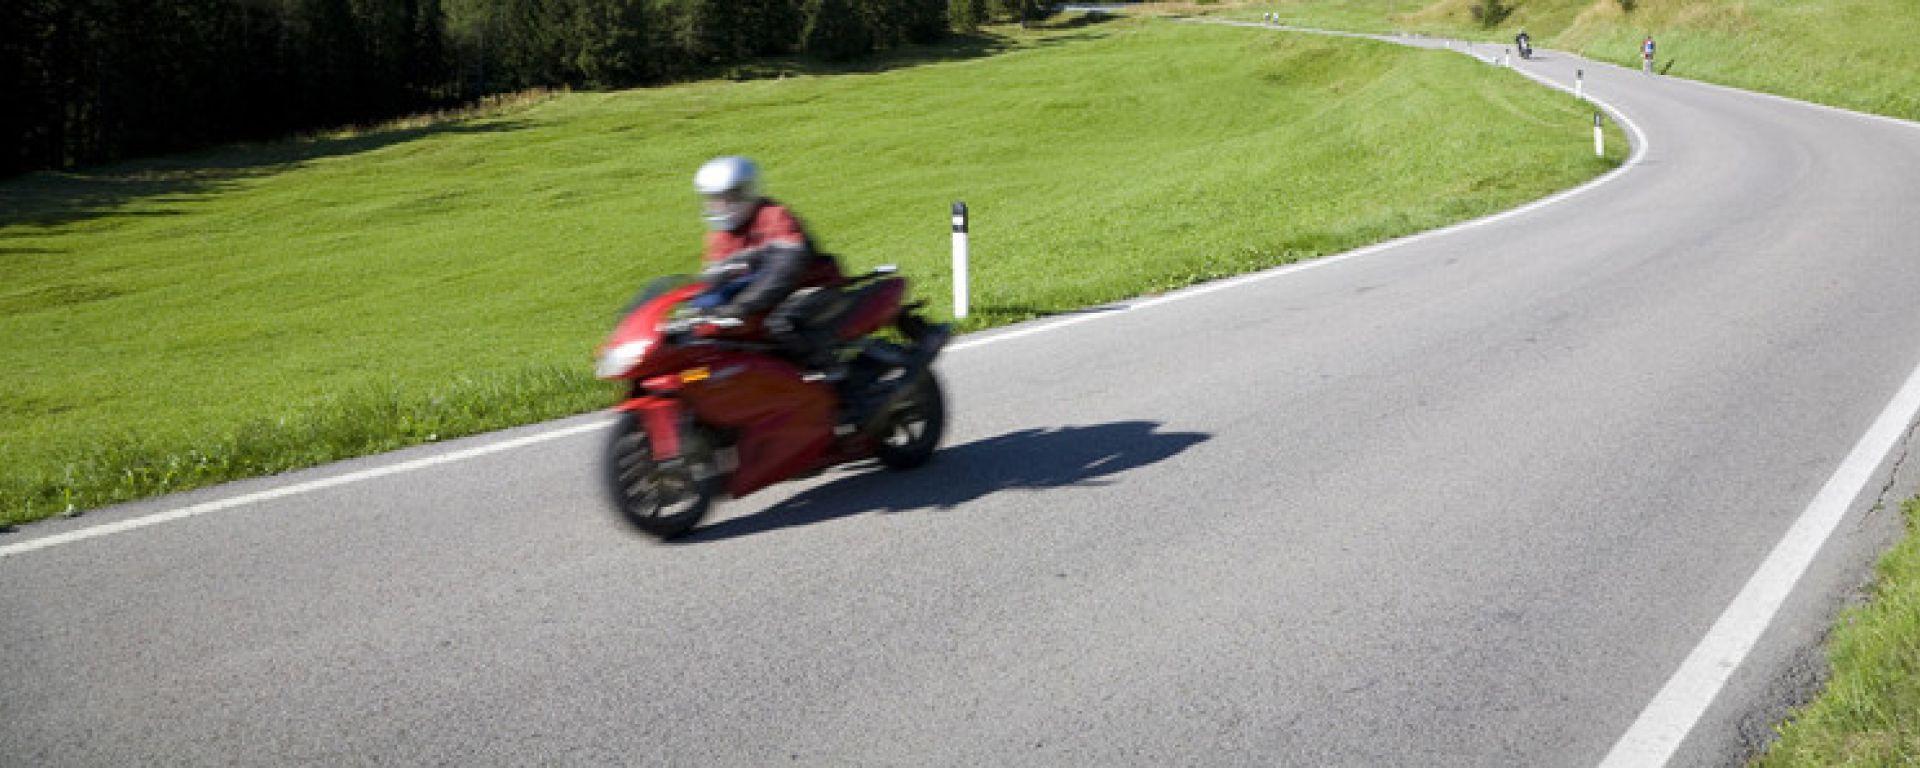 Trentino, per le moto limite di velocità a 60 km/h. Ecco dove